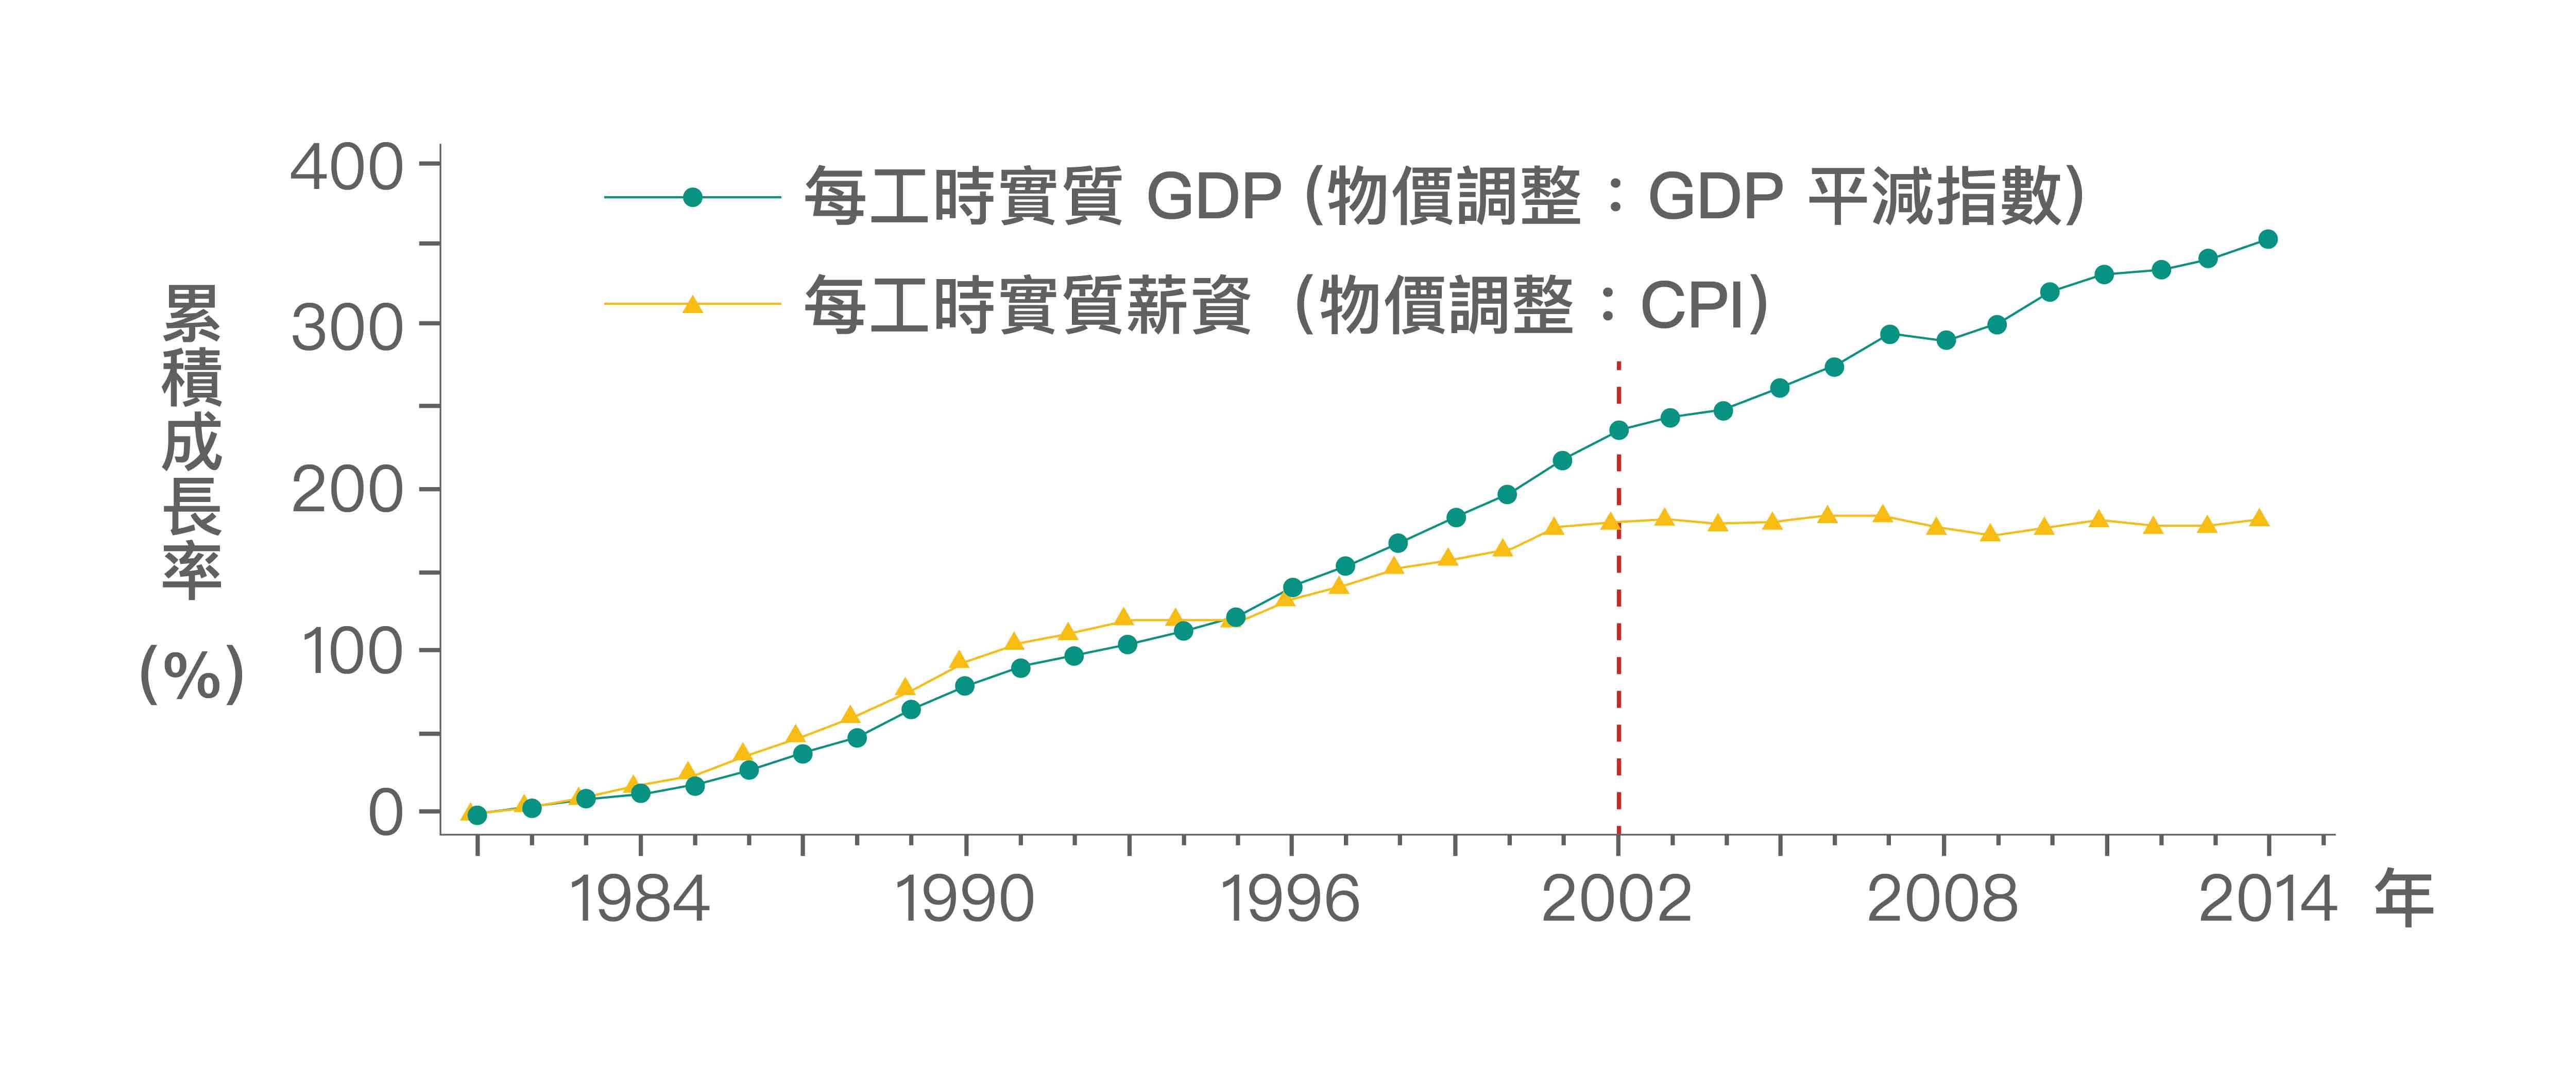 在2002年以前,勞動生產力與實質薪資的成長走勢其實是亦步亦趨,然而,2002年以後,勞動生產力仍成長,實質薪資成長卻幾近停滯甚至為負。圖│《經濟成長、薪資停滯?初探臺灣實質薪資與勞動生產力脫勾的成因》,作者:林依伶、楊子霆